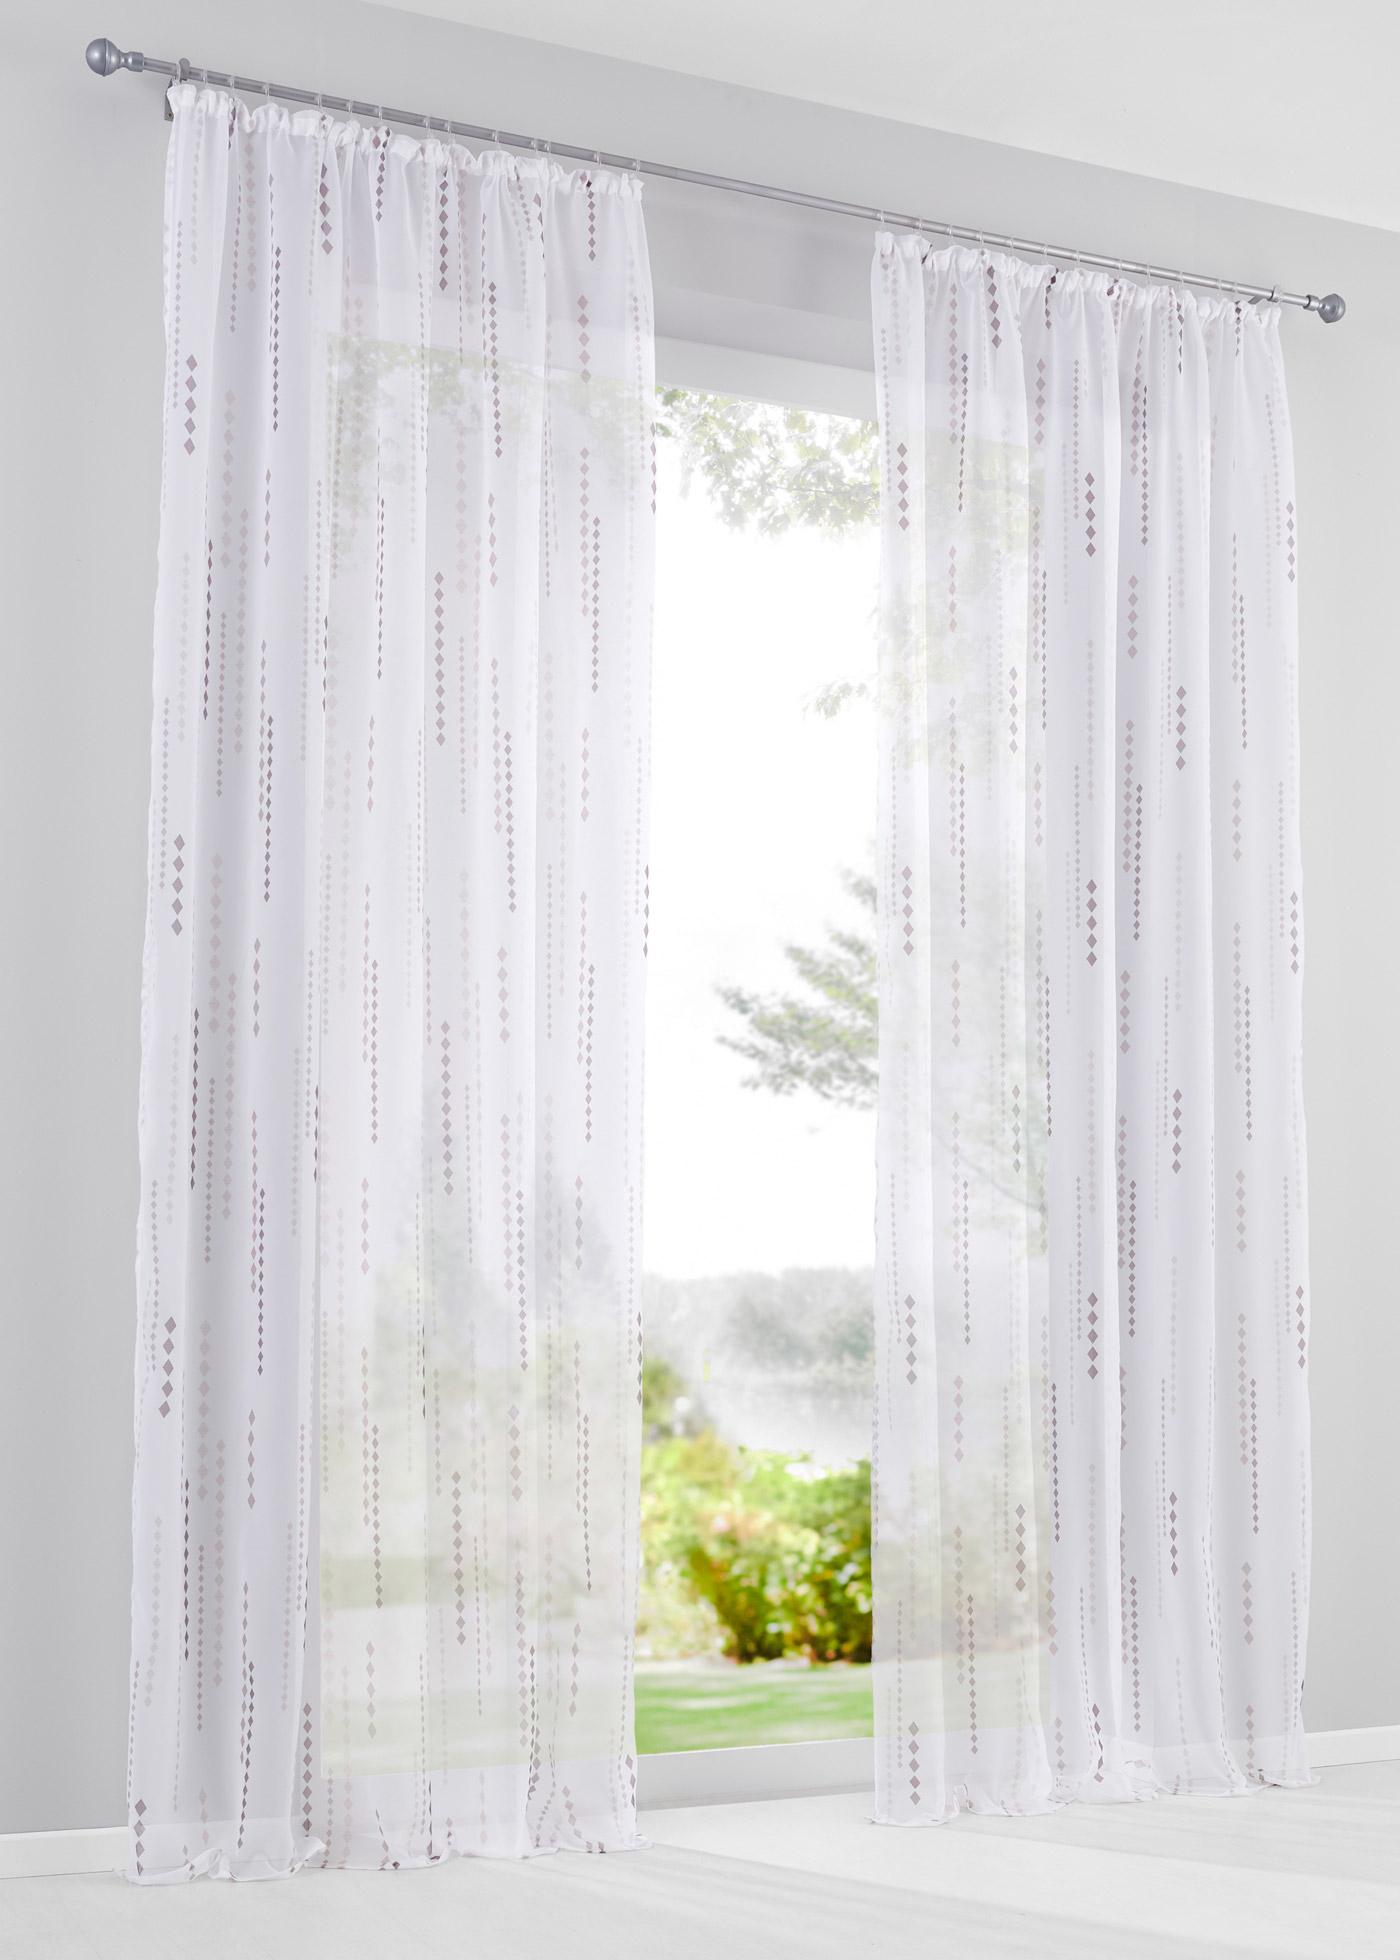 Imprimé agréable sur voile transparent, dimensions = dimensions du tissu, hauteur pattes comprise.